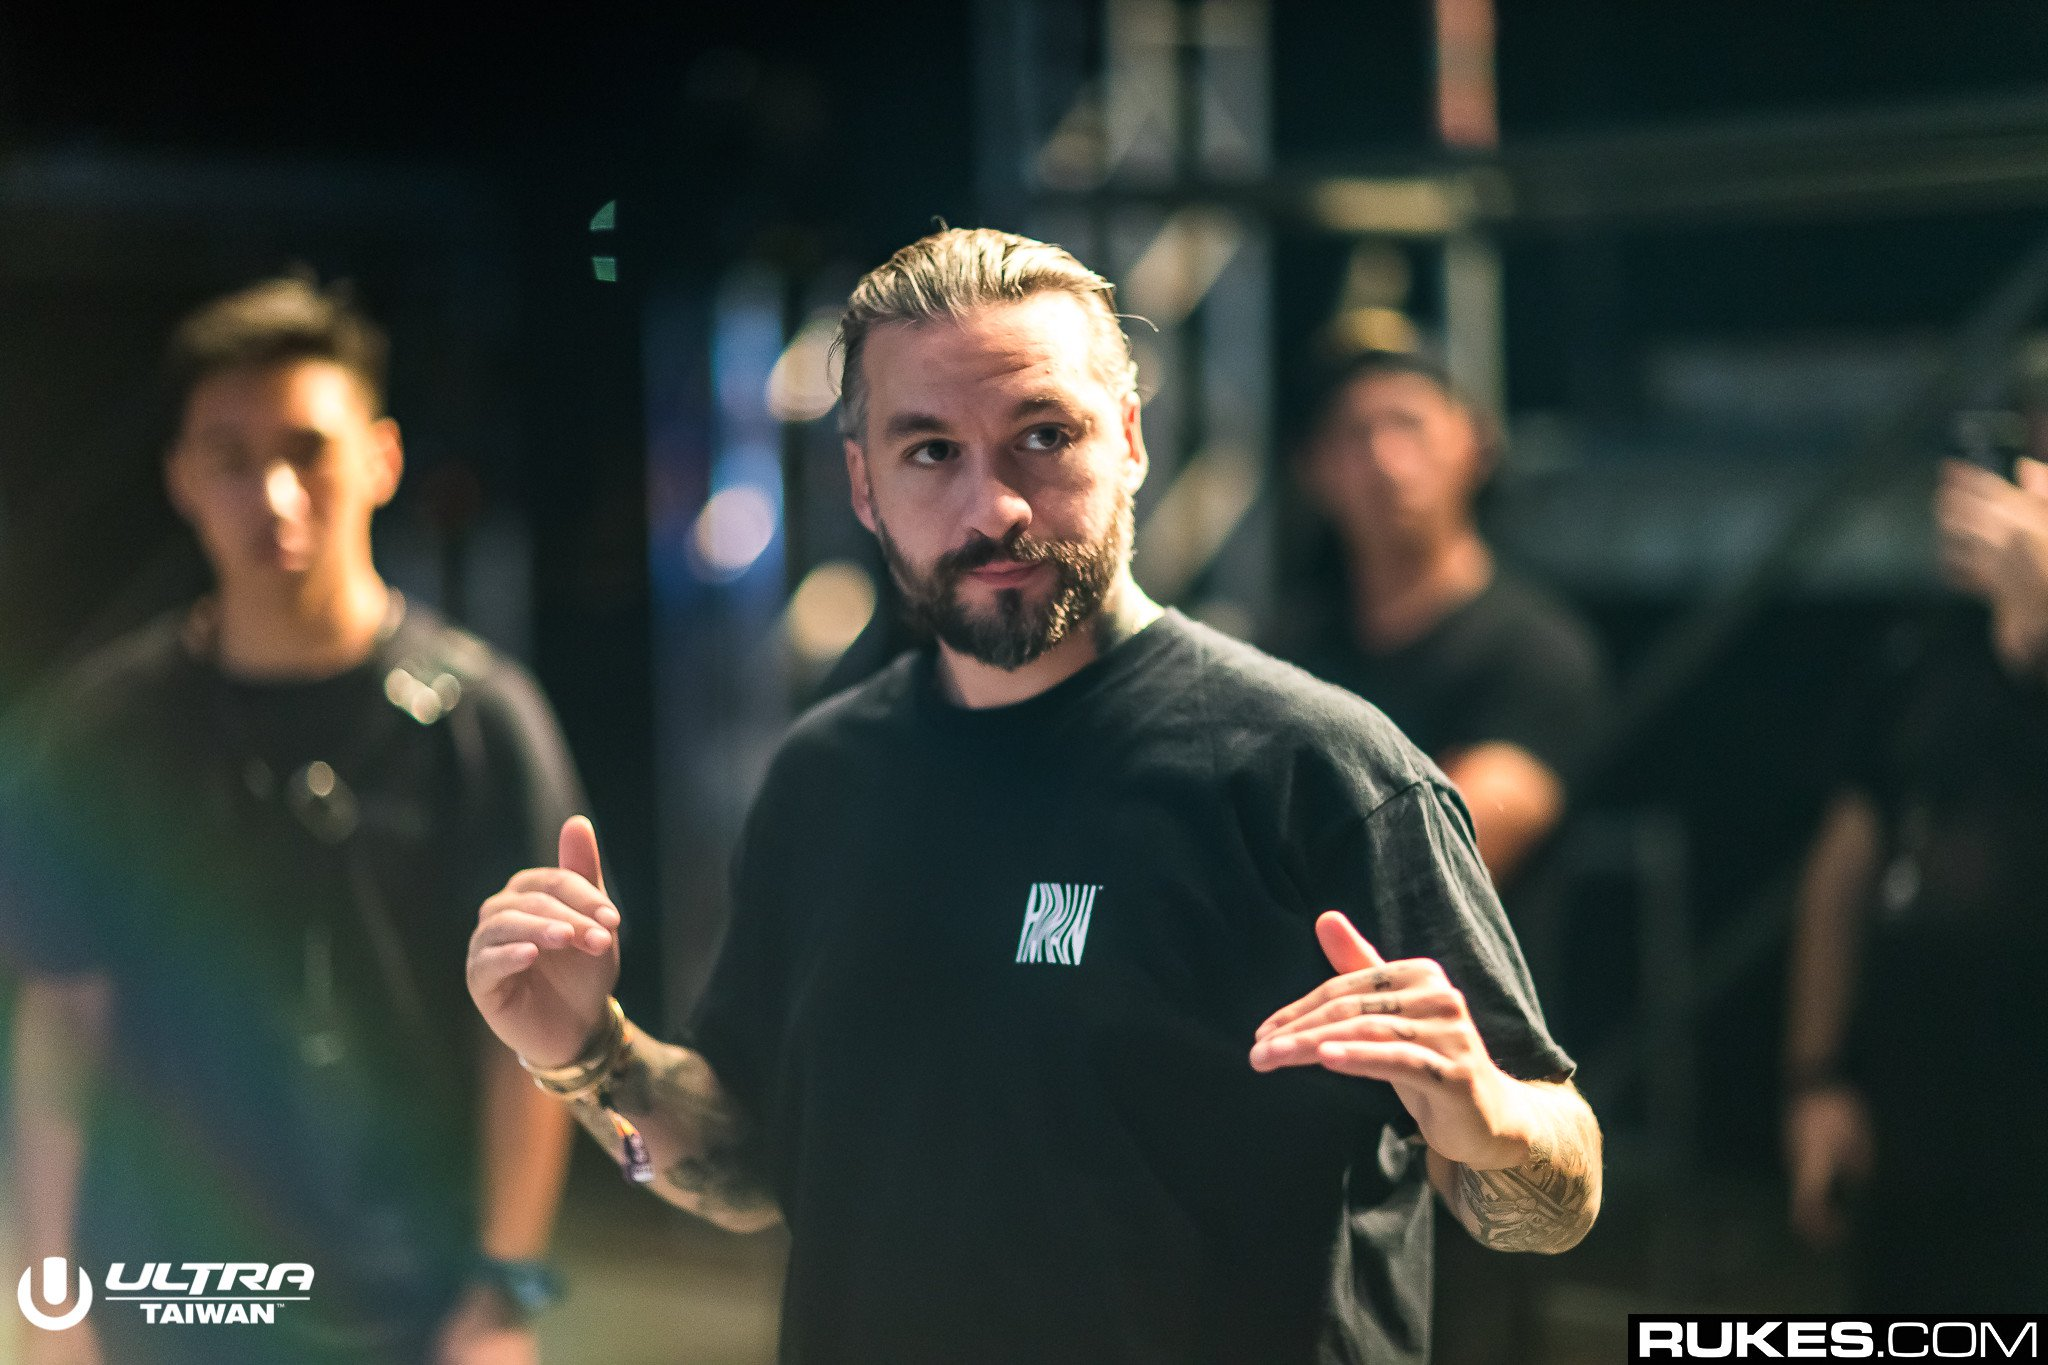 Steve Angelloが2019年の再始動に先駆けてSwedish House Mafiaの新曲を一部公開!?